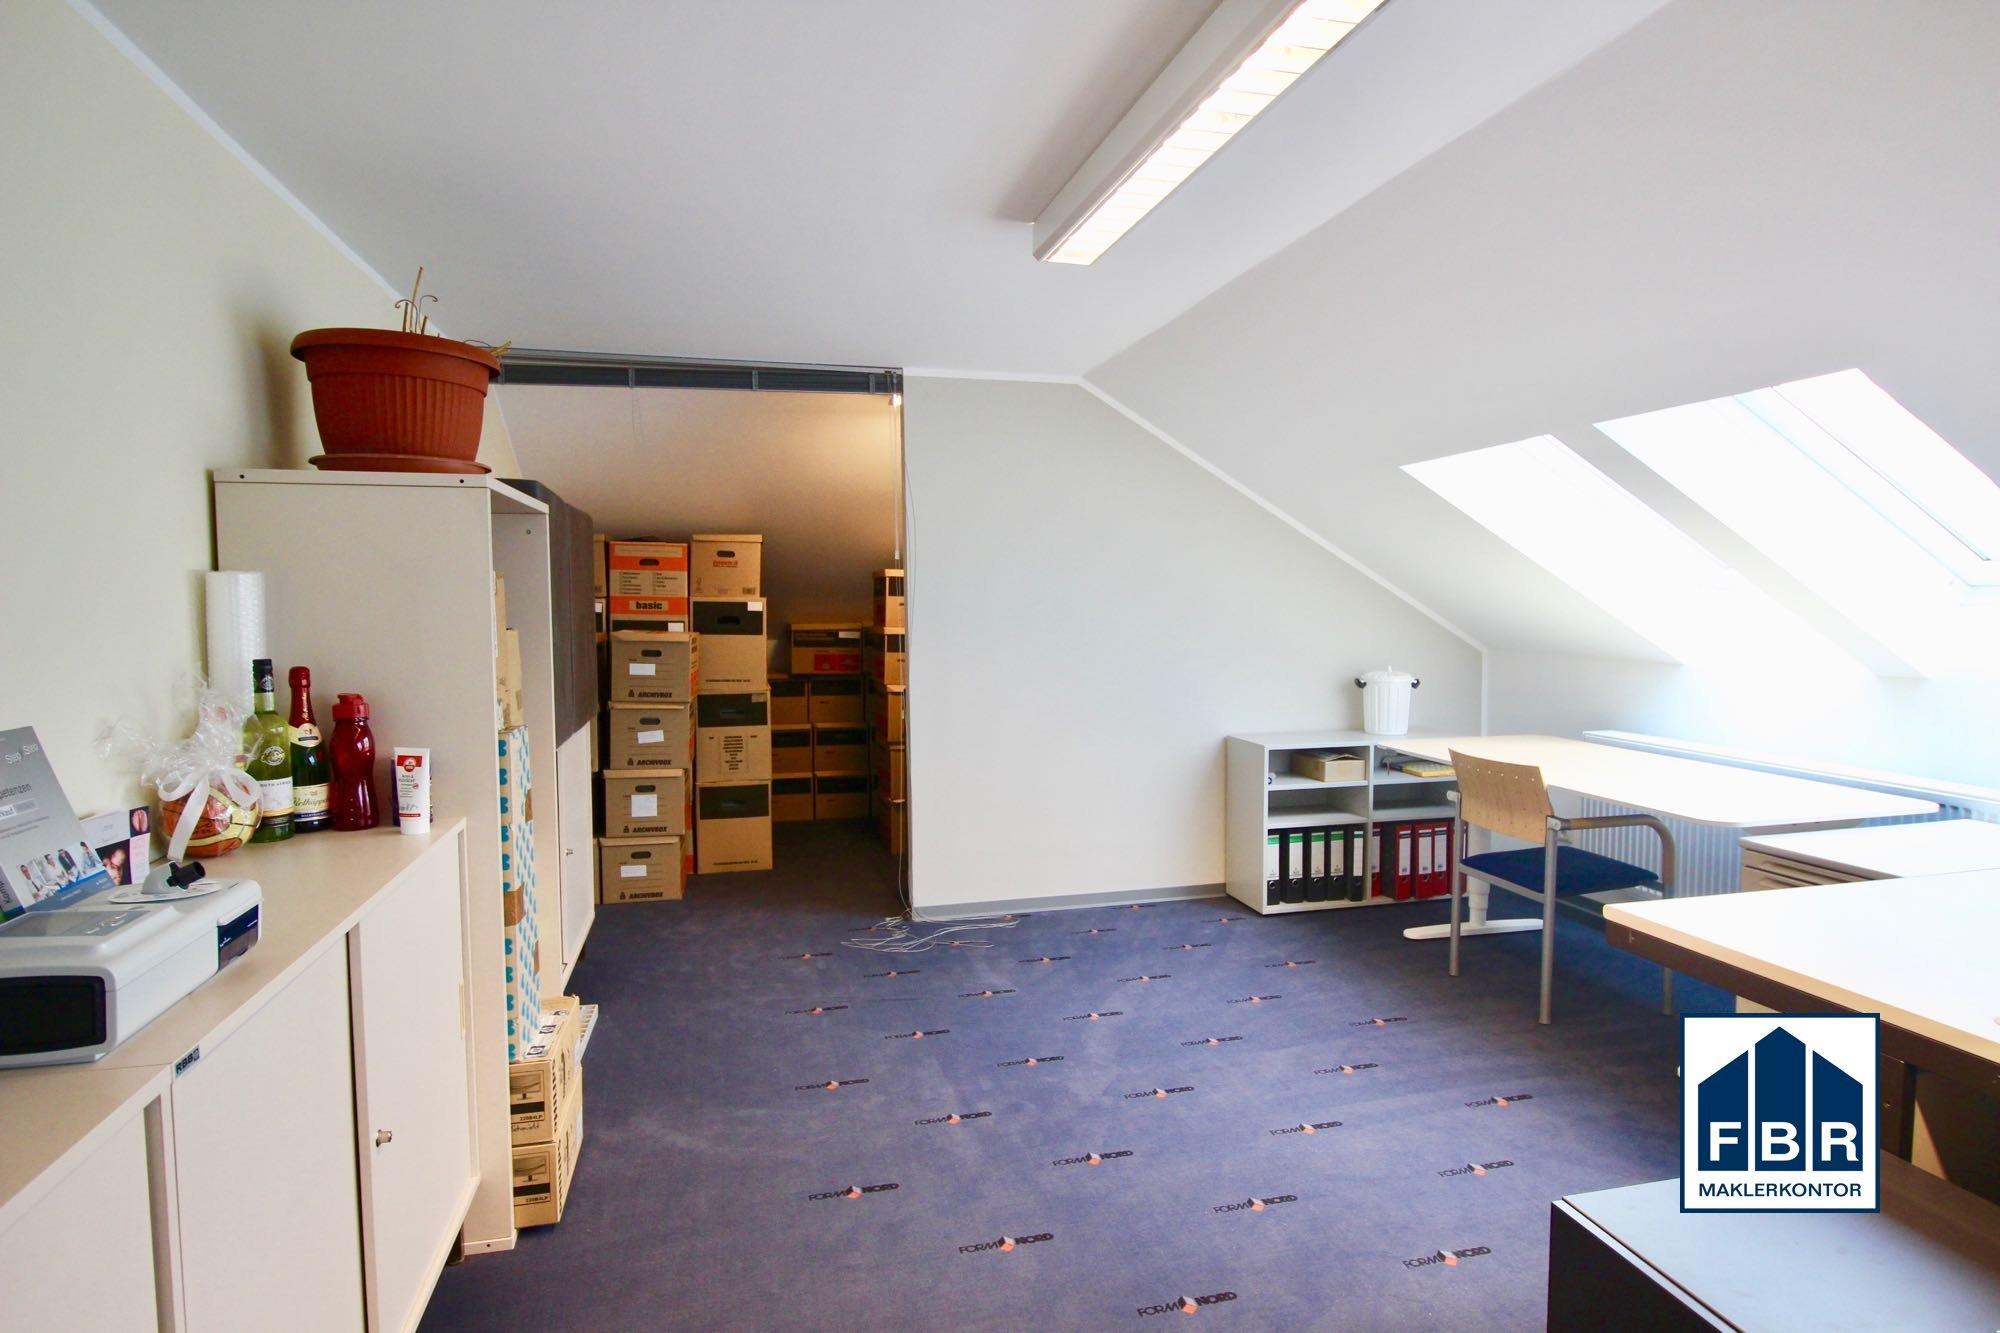 wohnwirtschaftlicher Raum im Dachgeschoss